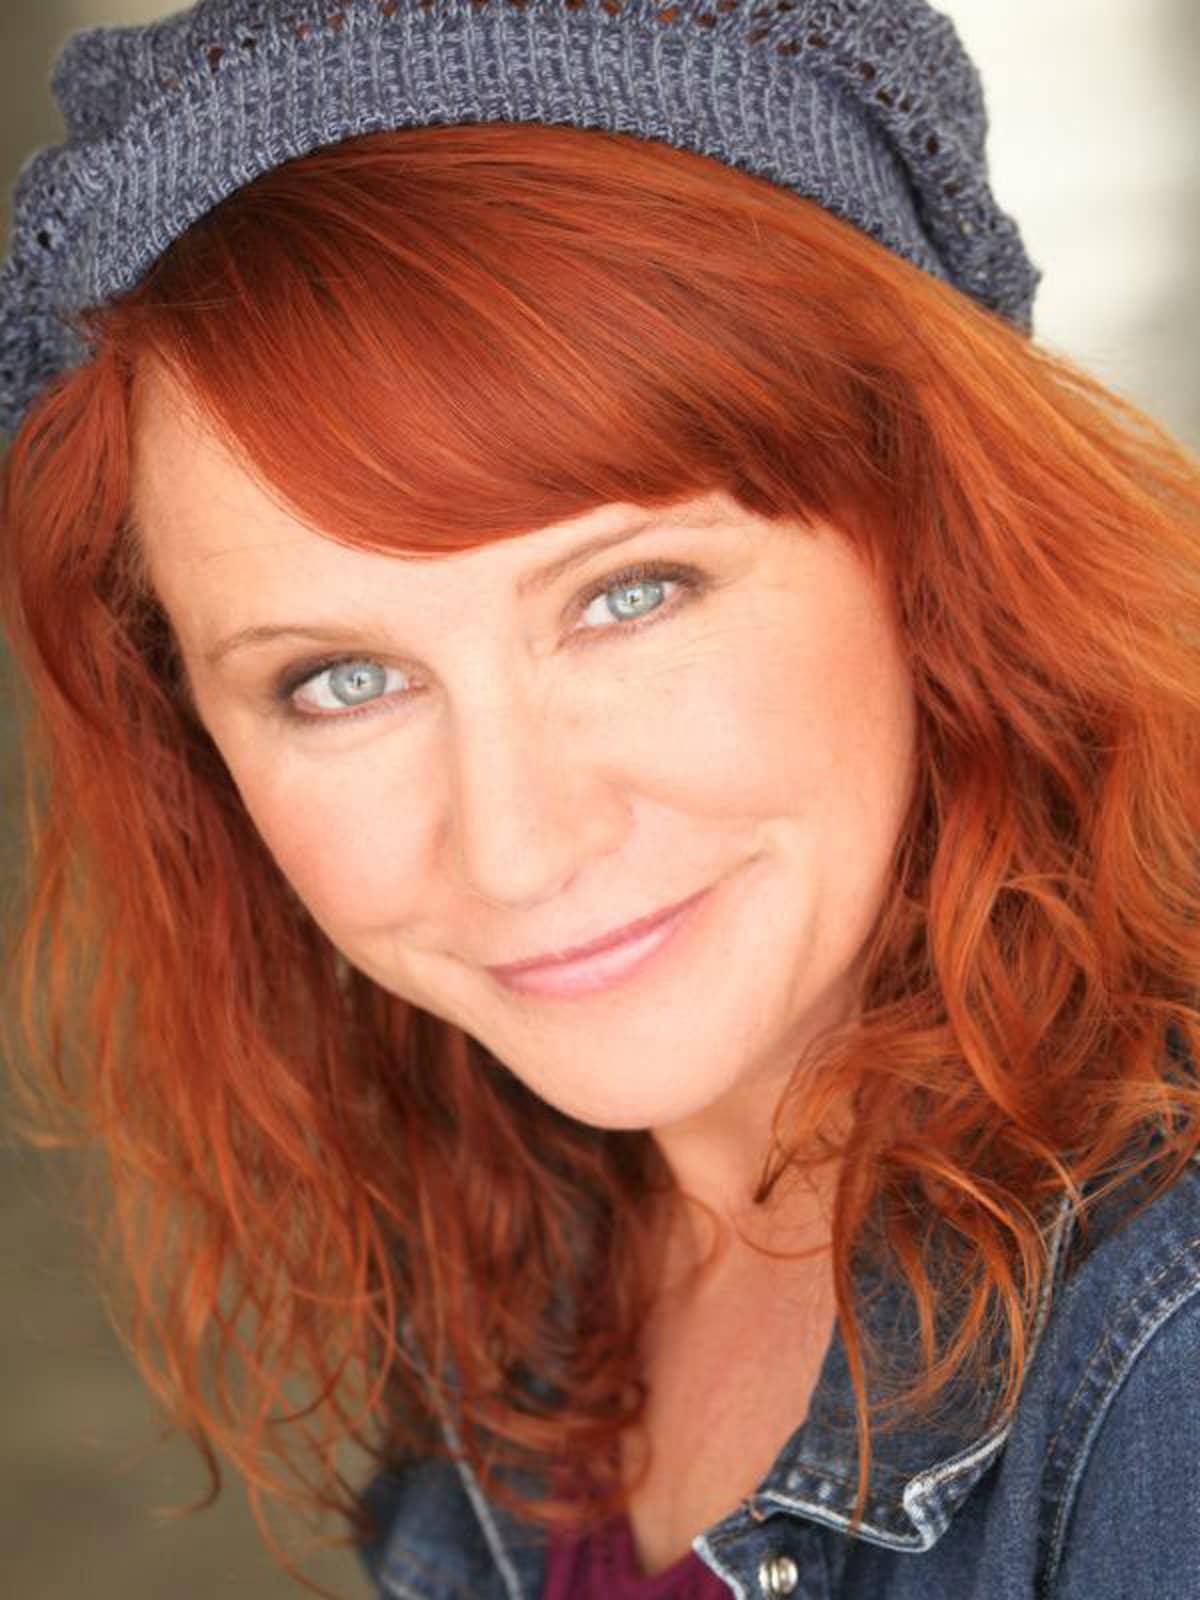 Dallas actor Kristin McCollum